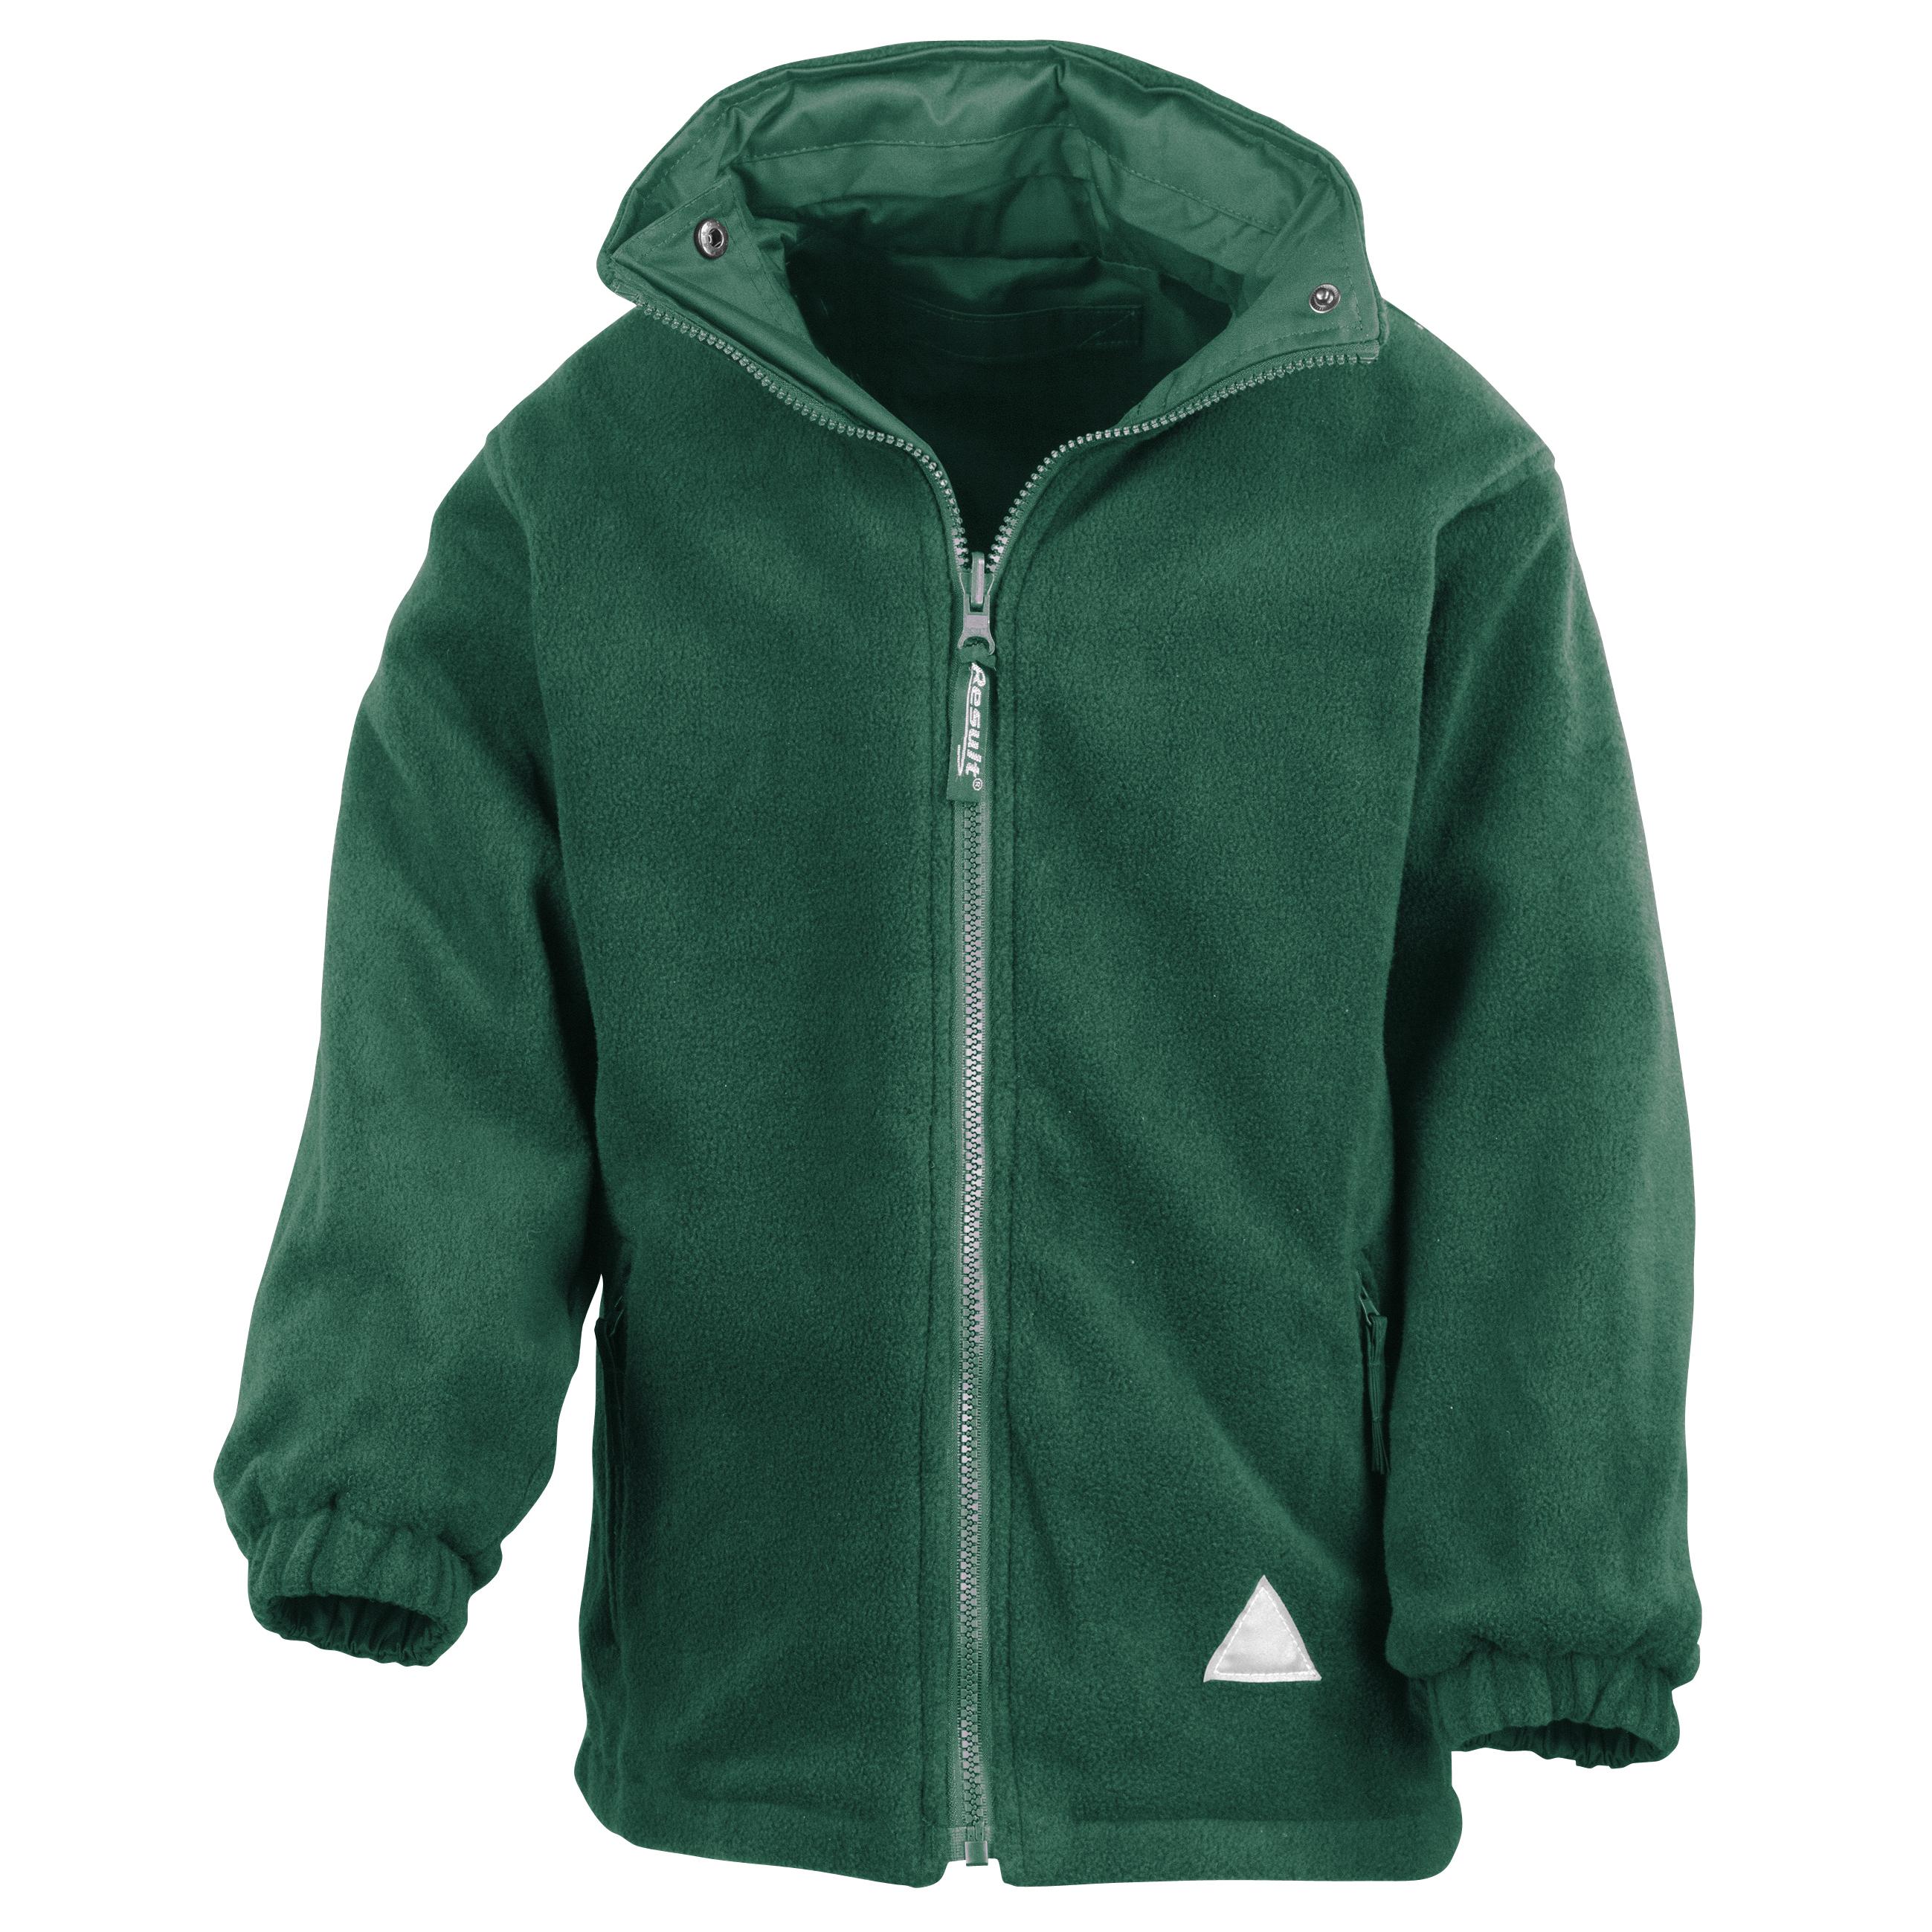 Result Childrens/Kids Reversible Storm Stuff Anti Pilling Fleece Waterproof Jacket (13/14) (Bottle Green/Bottle Green)